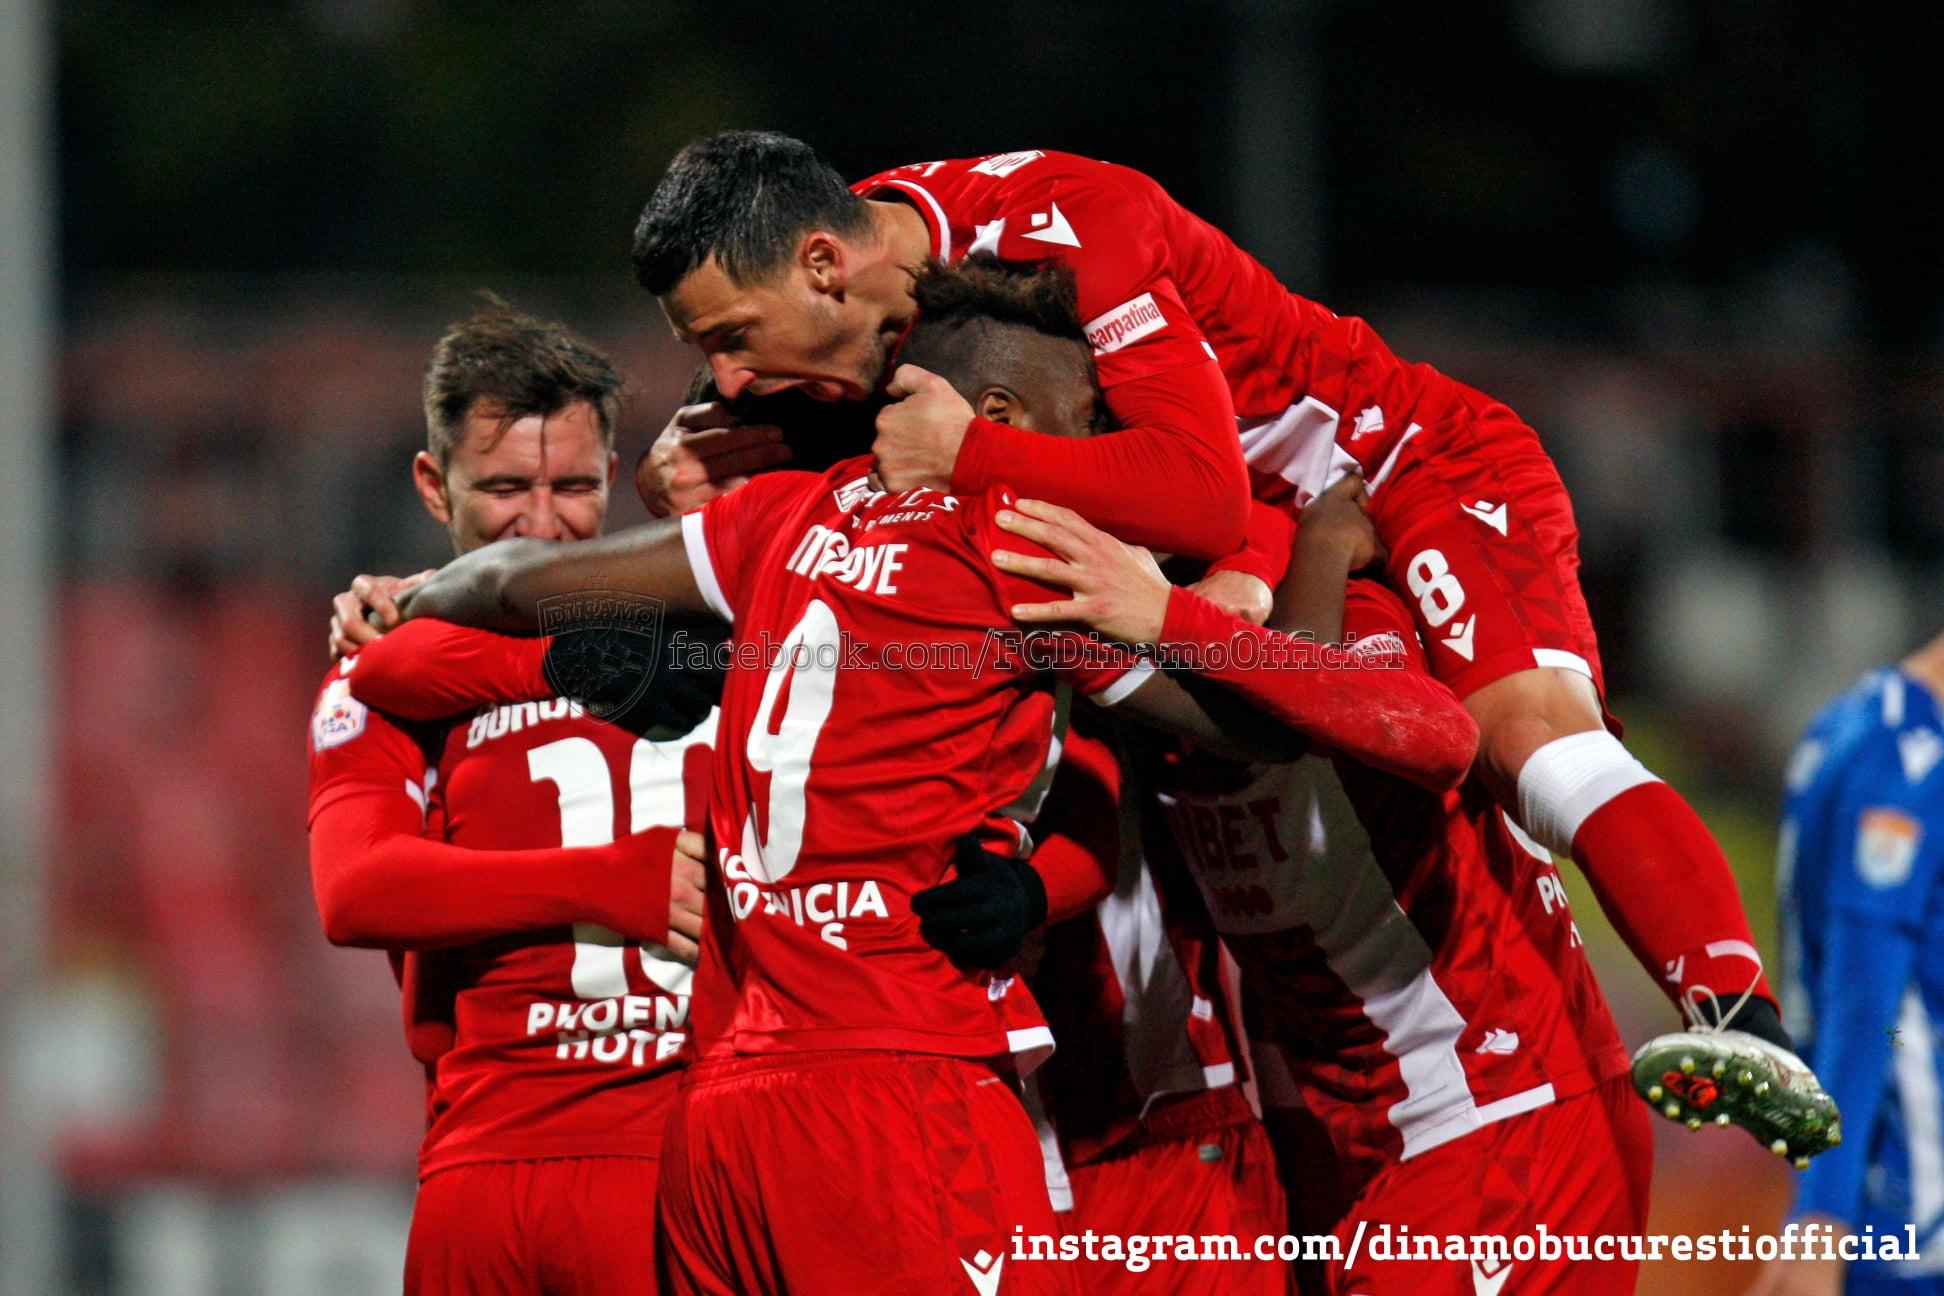 Dinamo bucurie 1